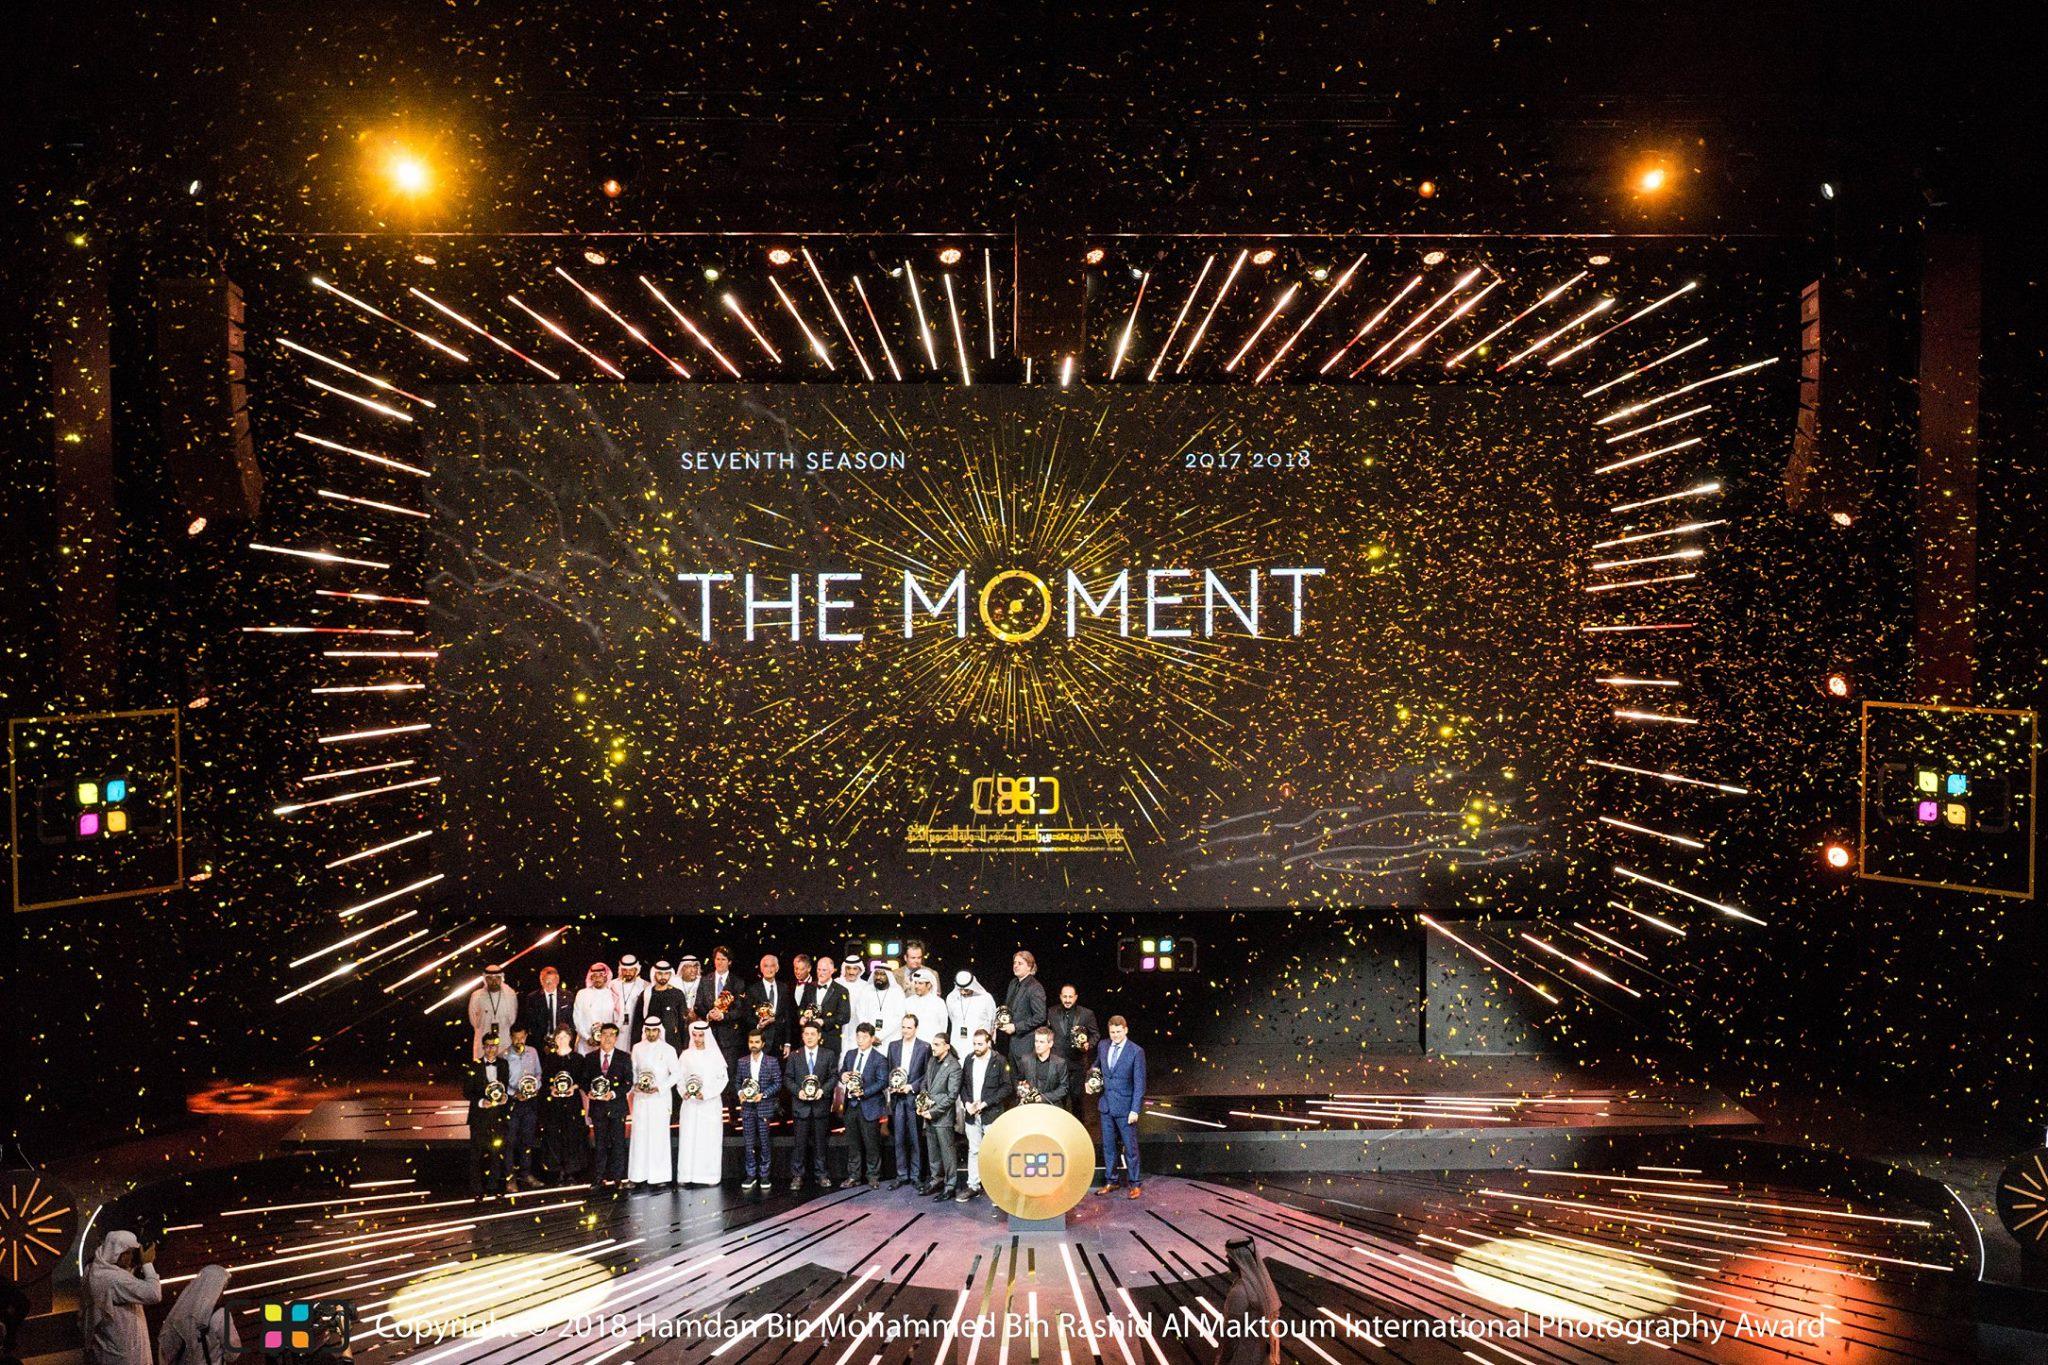 HIPA, 7th Season - Awards Ceremony